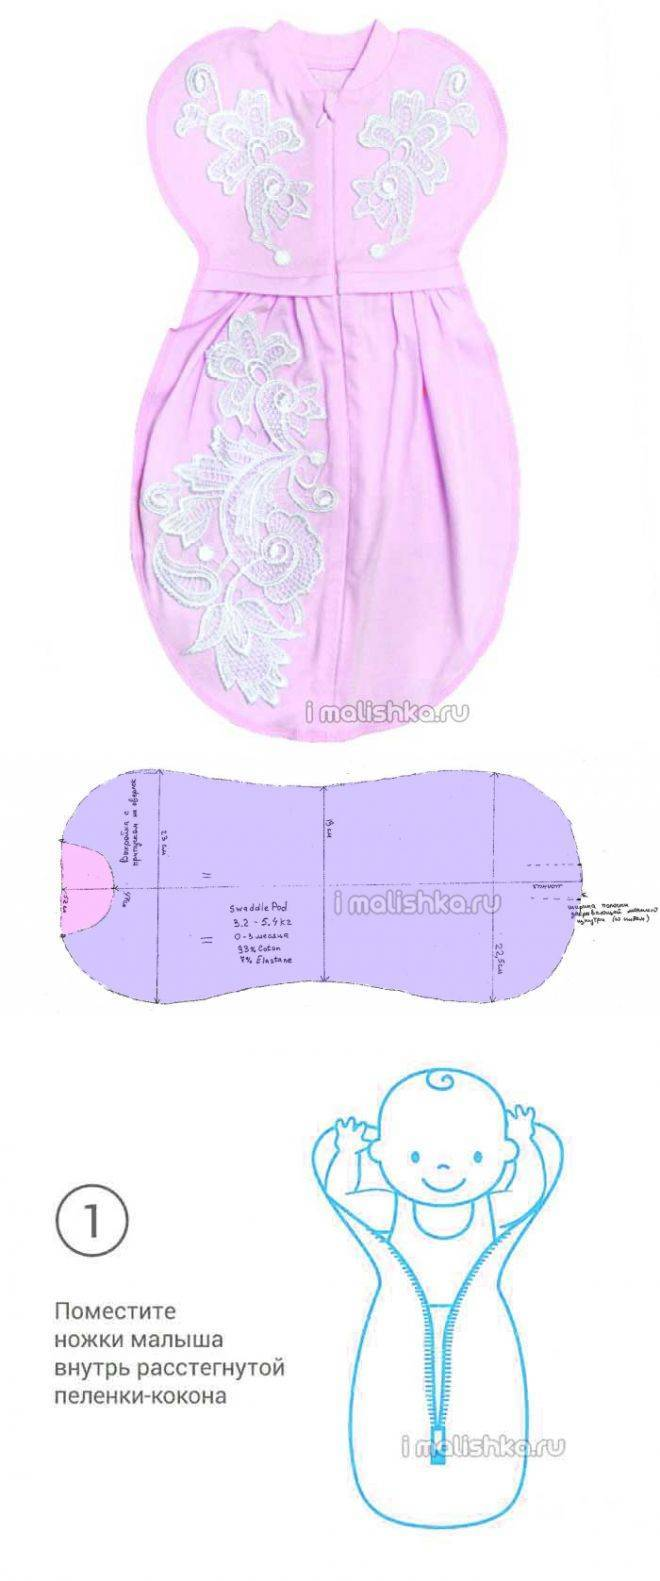 Шьем спальный мешок для новорожденного с рукавами